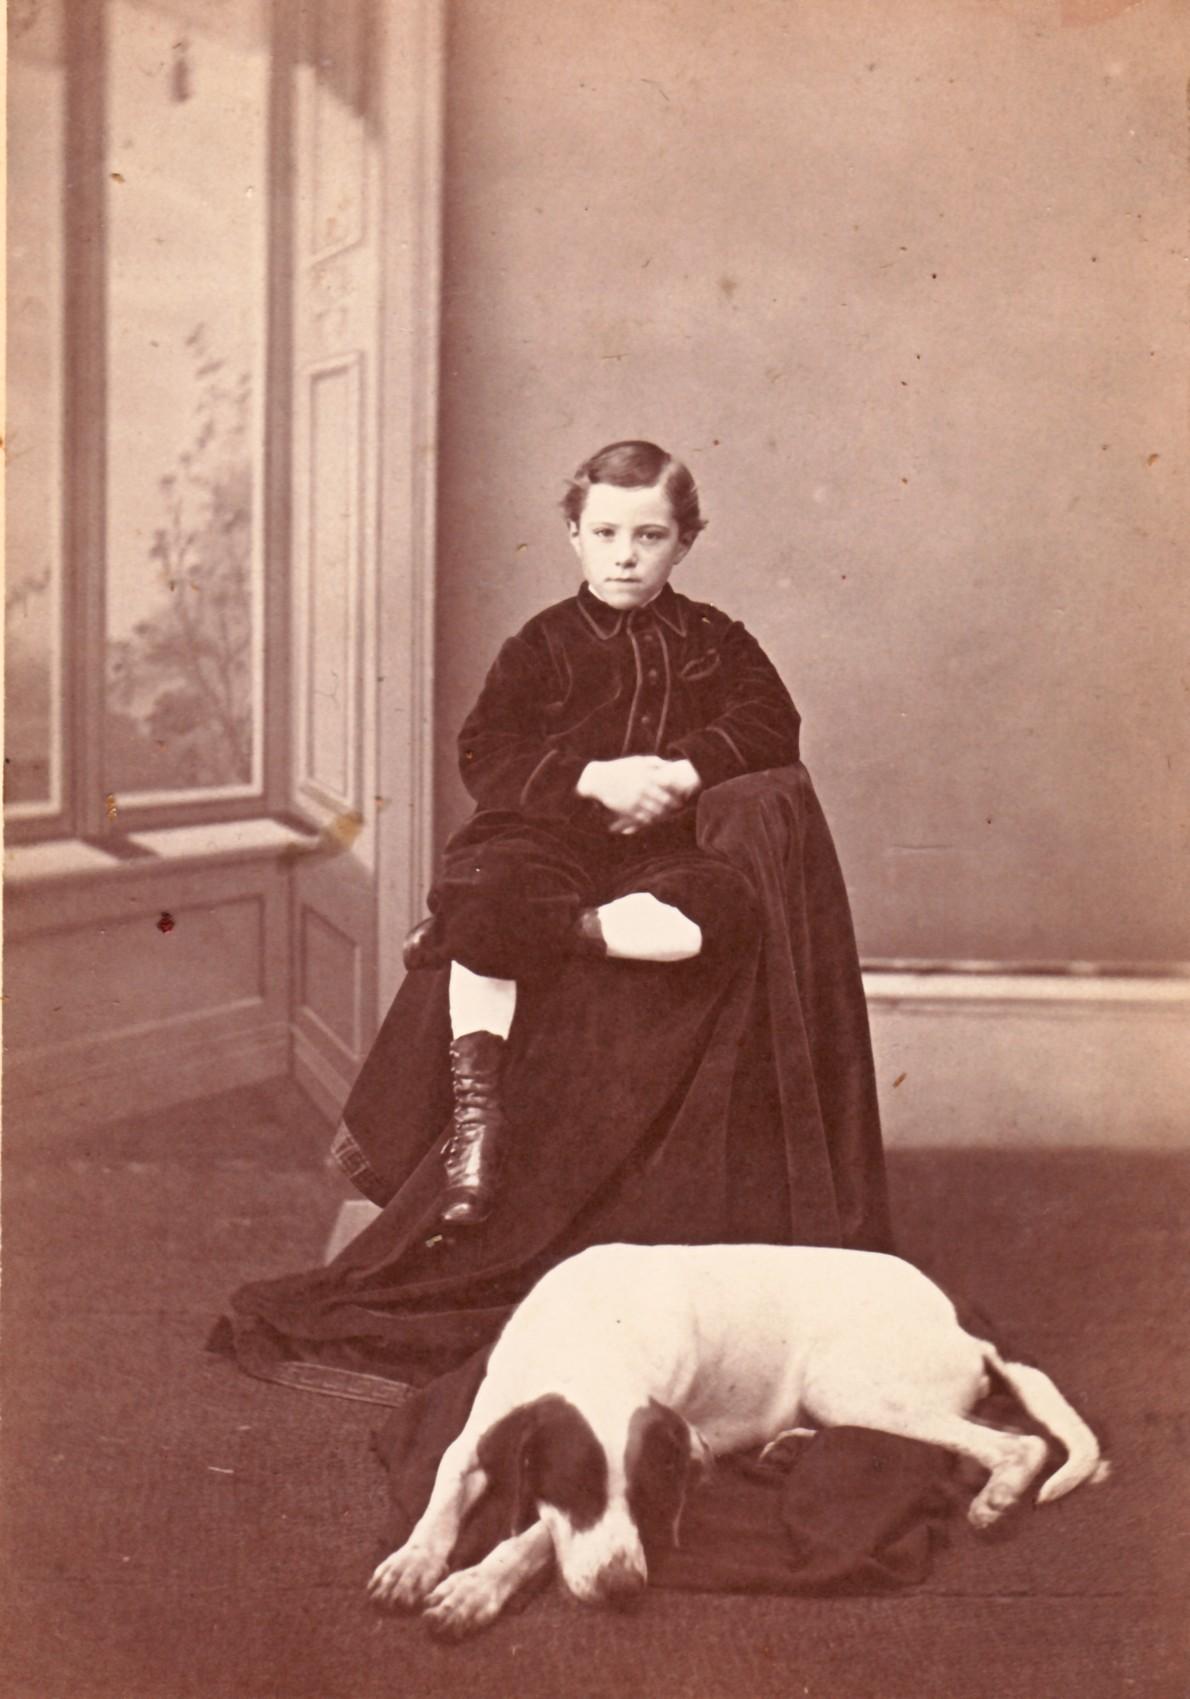 Howard Tuttle, age 6